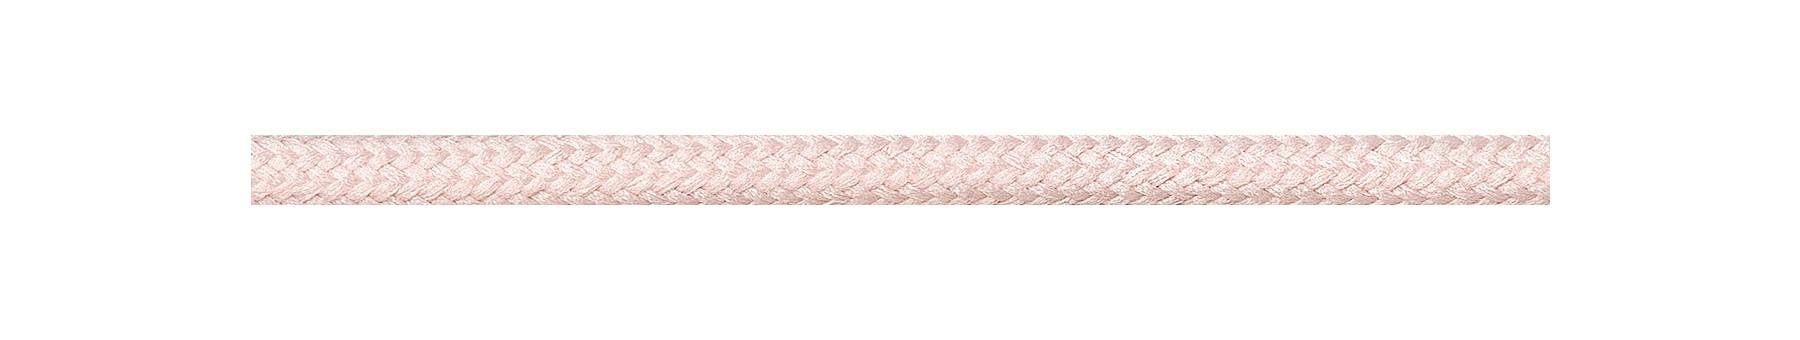 Textilkabel Pastellrosa